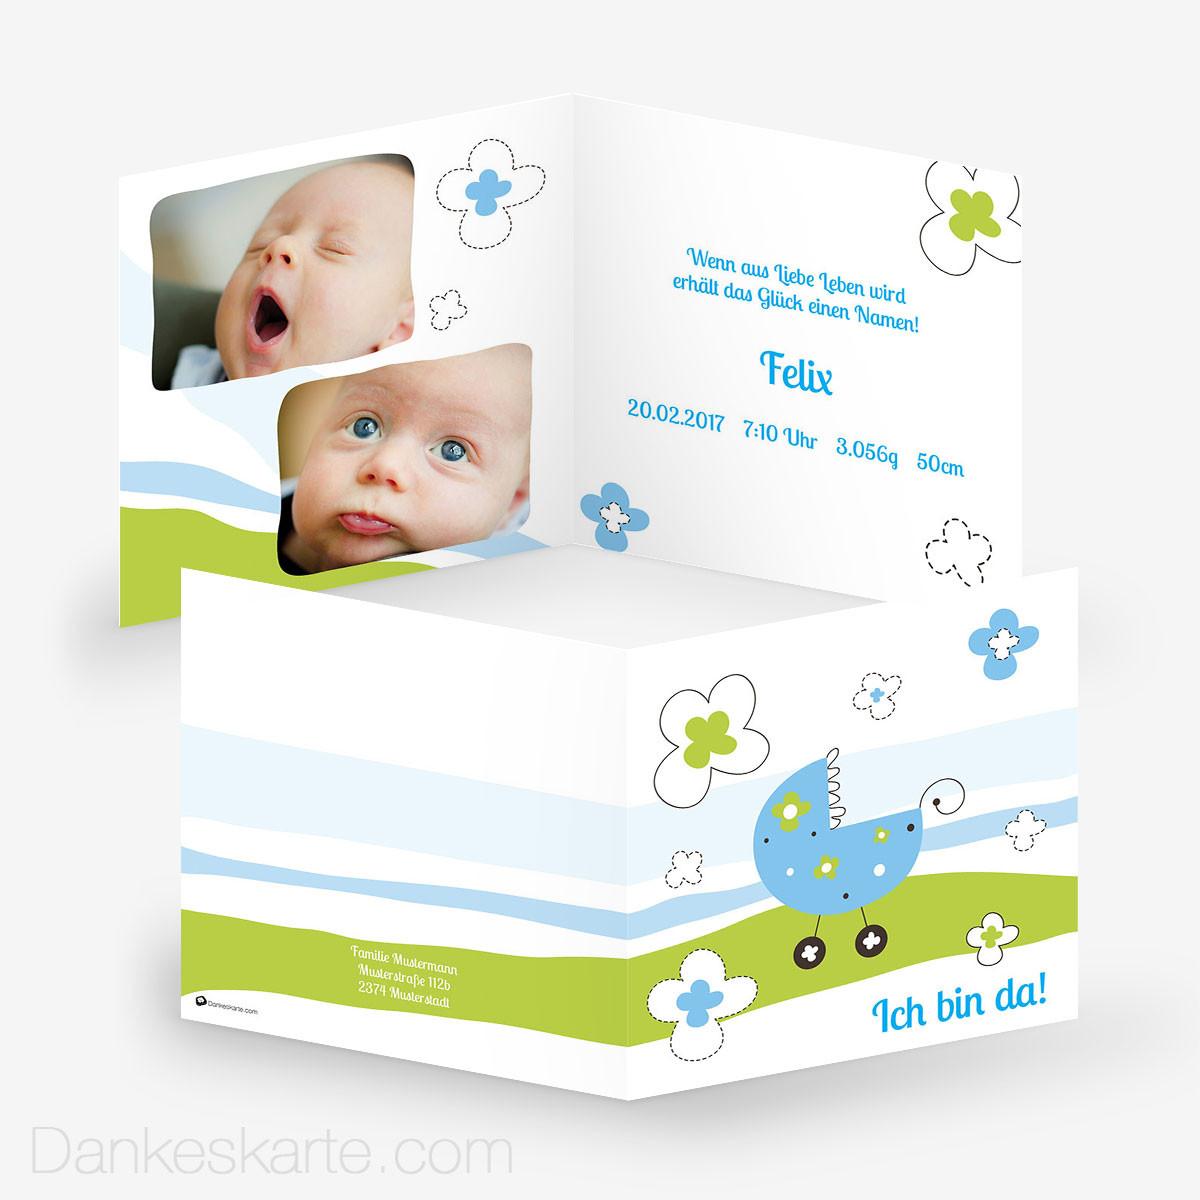 Beaufiful Spruche Babykarte Photos Glueckwunschkarte Geburt Zum